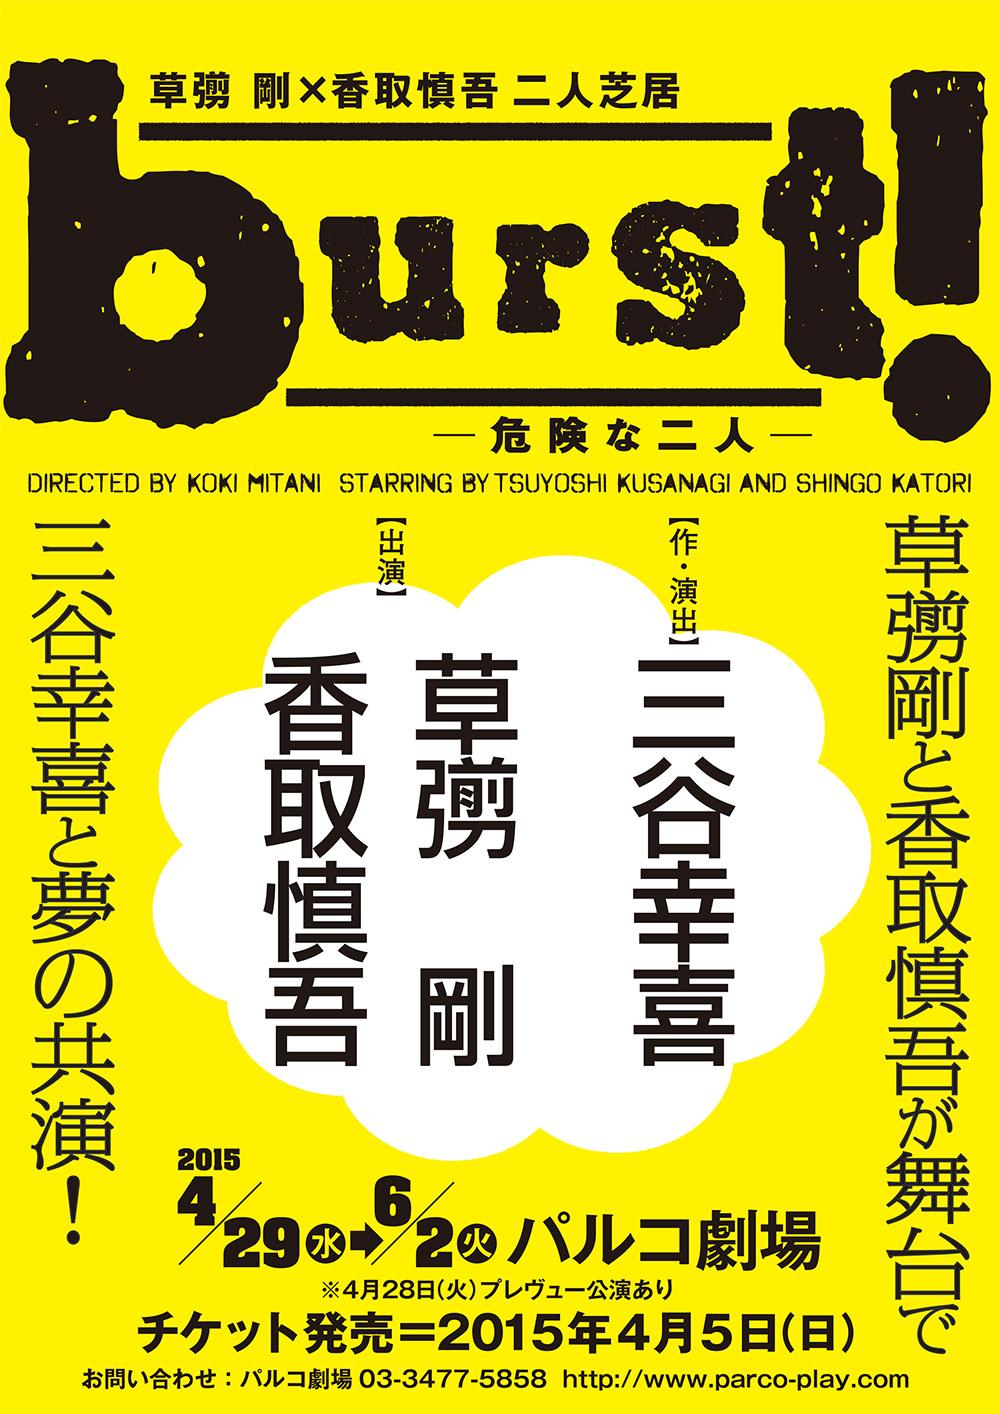 争奪戦必至。草なぎ剛、香取慎吾、三谷幸喜、夢の共演がパルコ劇場で実現!_1